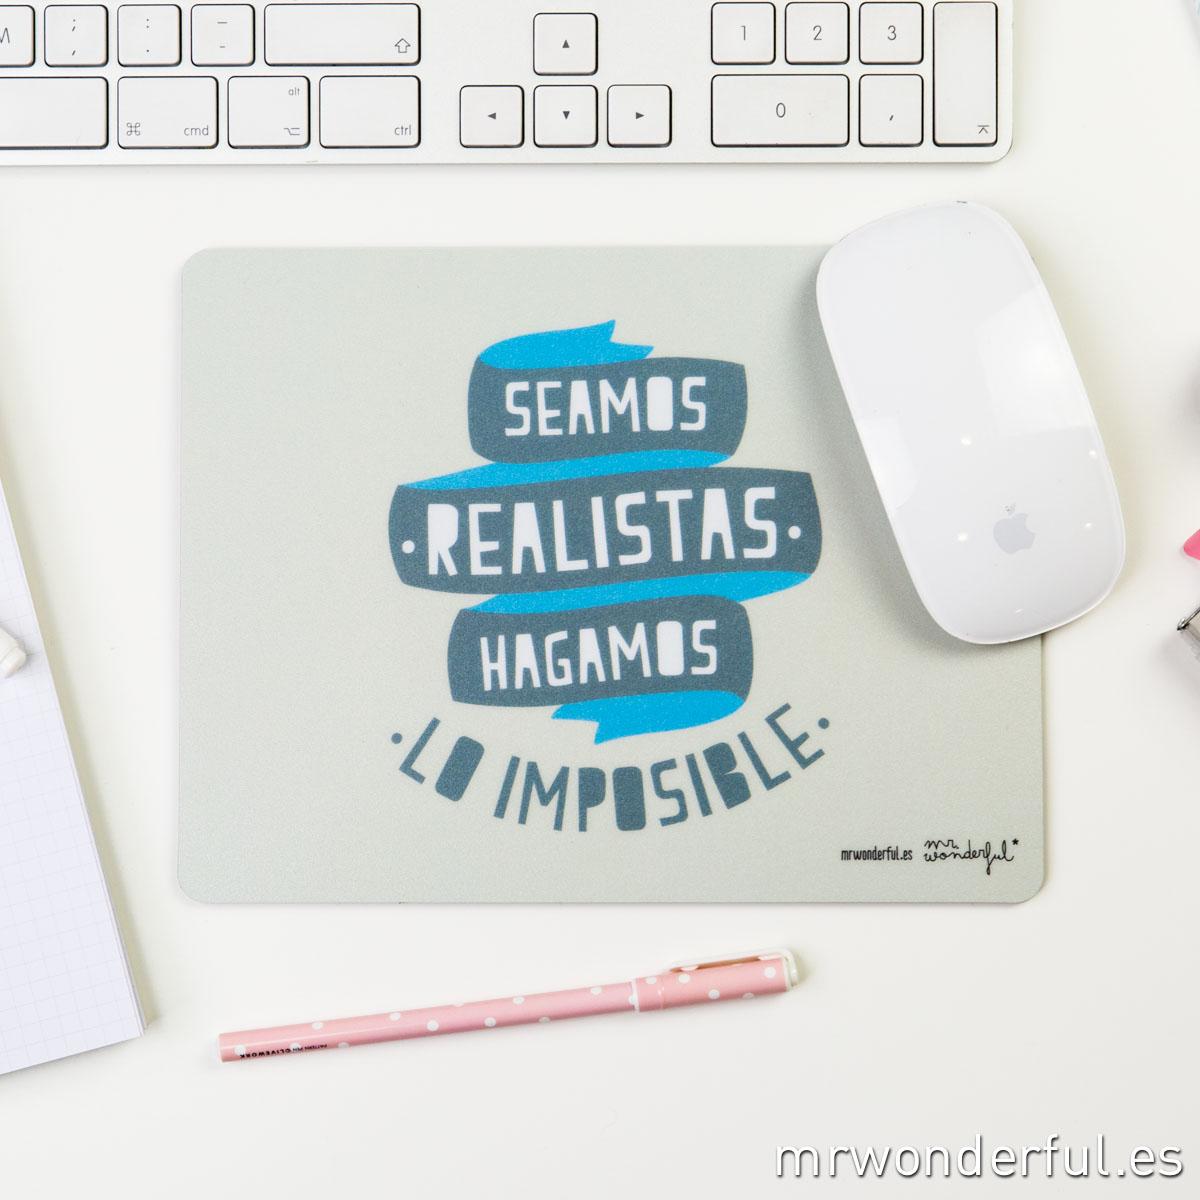 Mrwonderful_alfombrilla_seamos realistas hagamos lo imposible-5